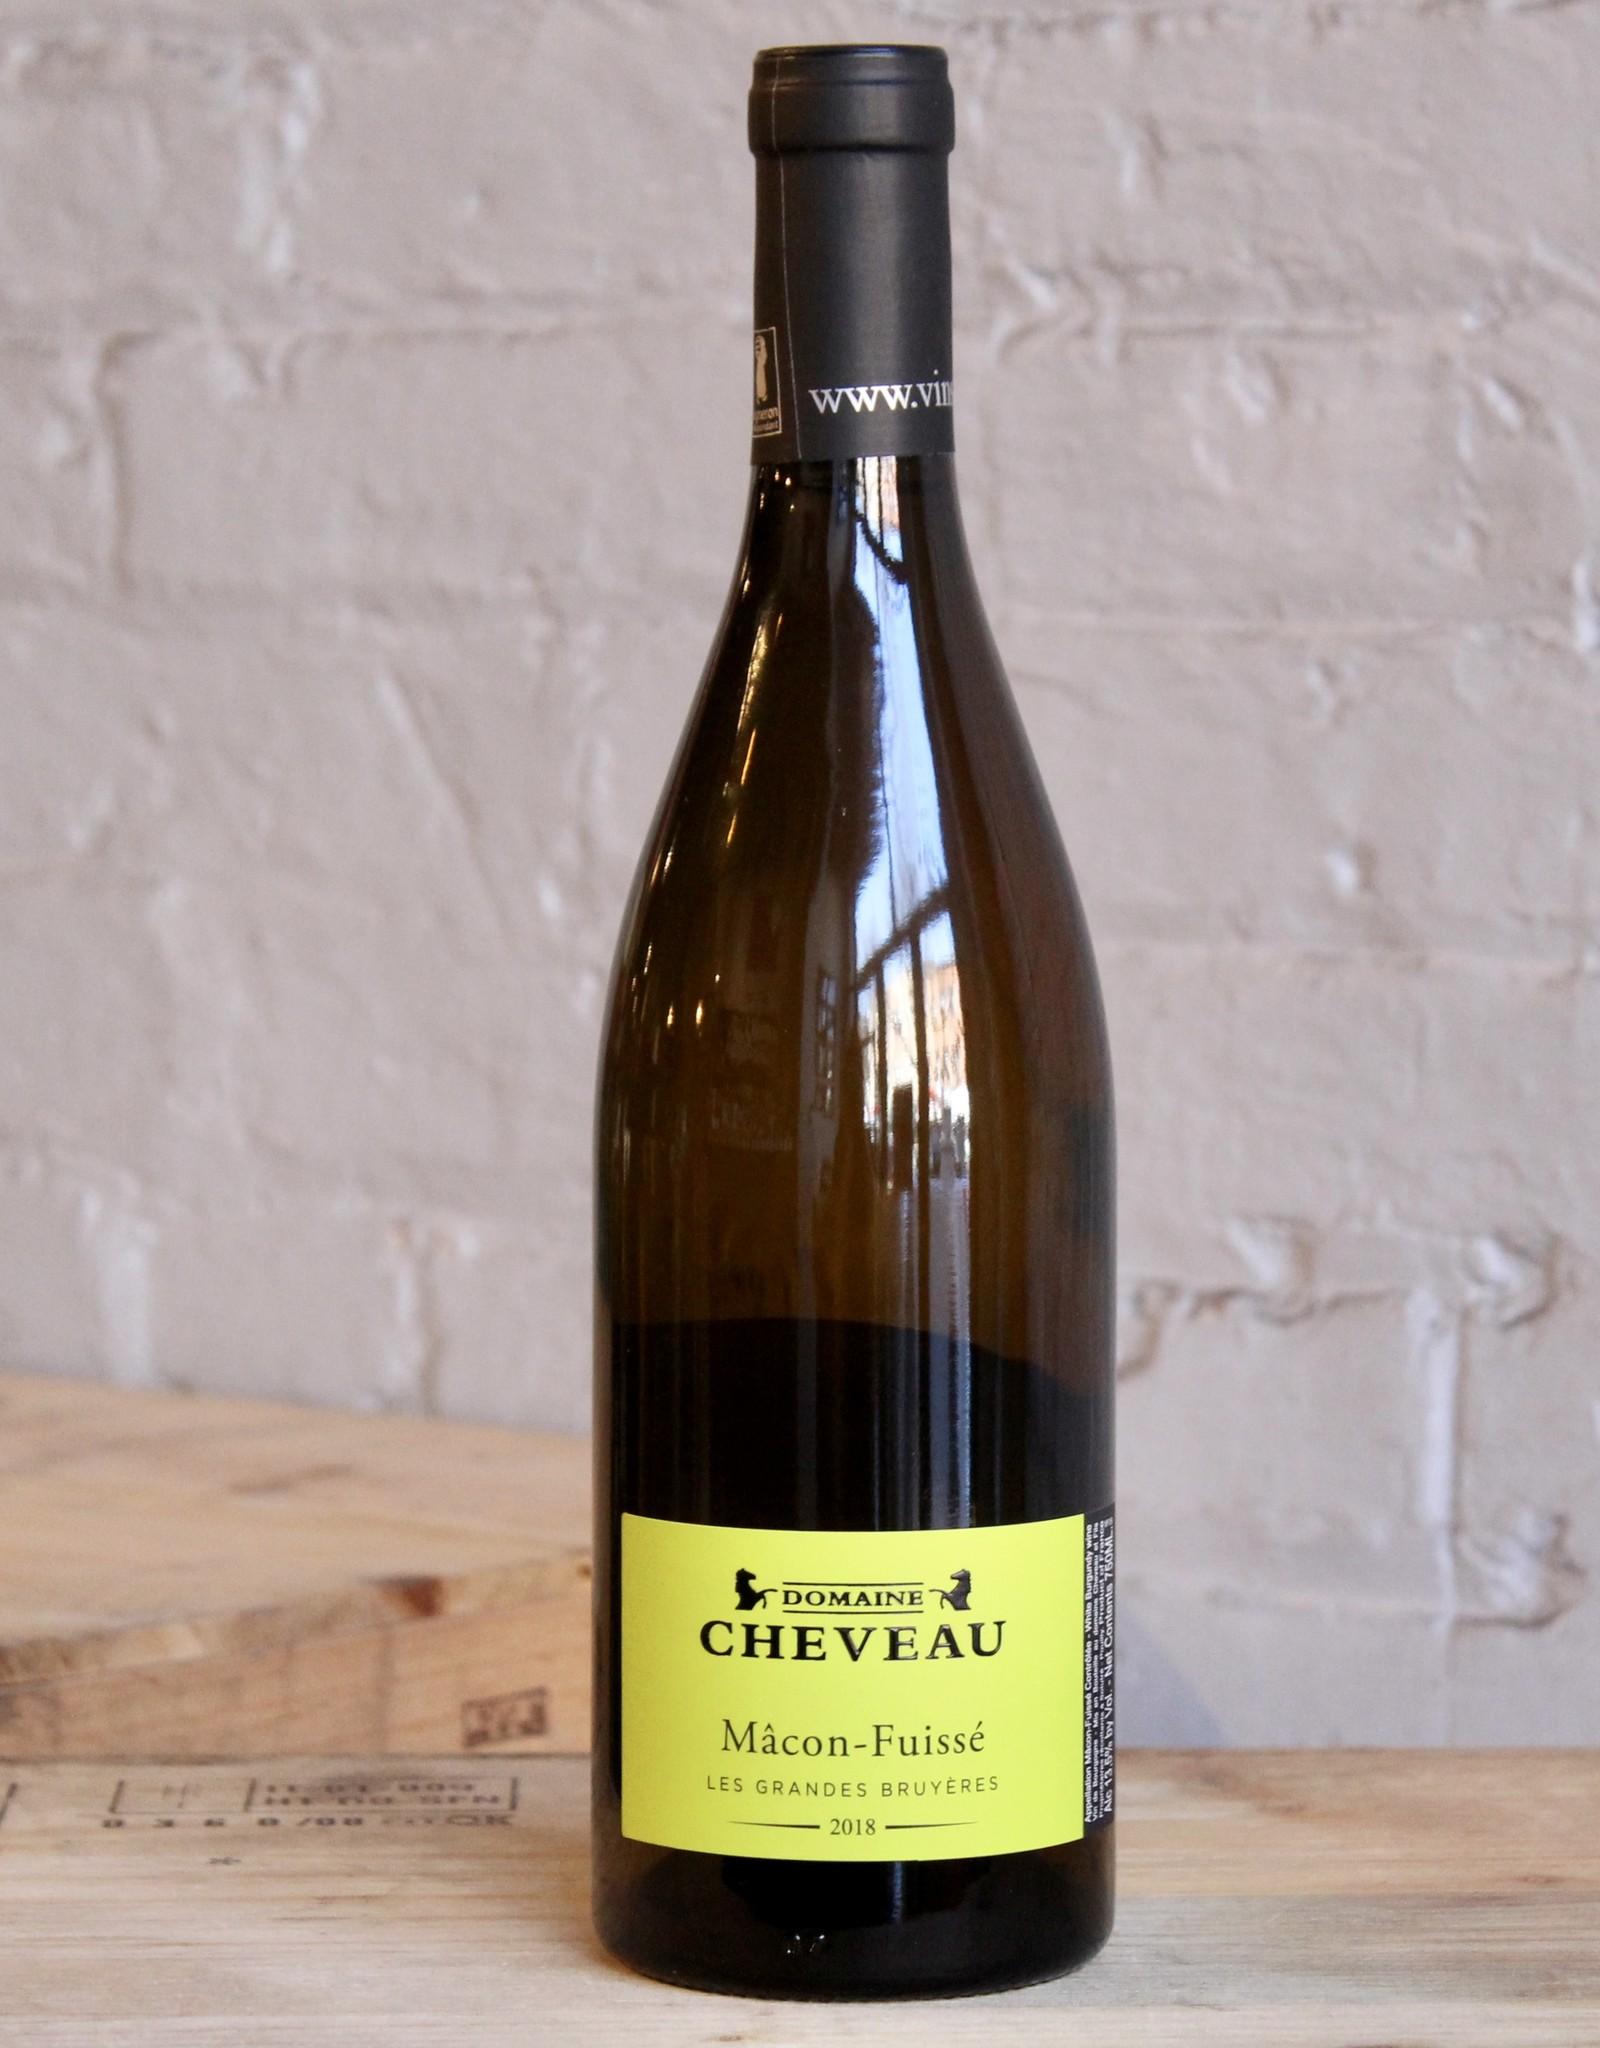 Wine 2018 Domaine Cheveau Mâcon Fuissé Les Grandes Bruyères - Burgundy, France